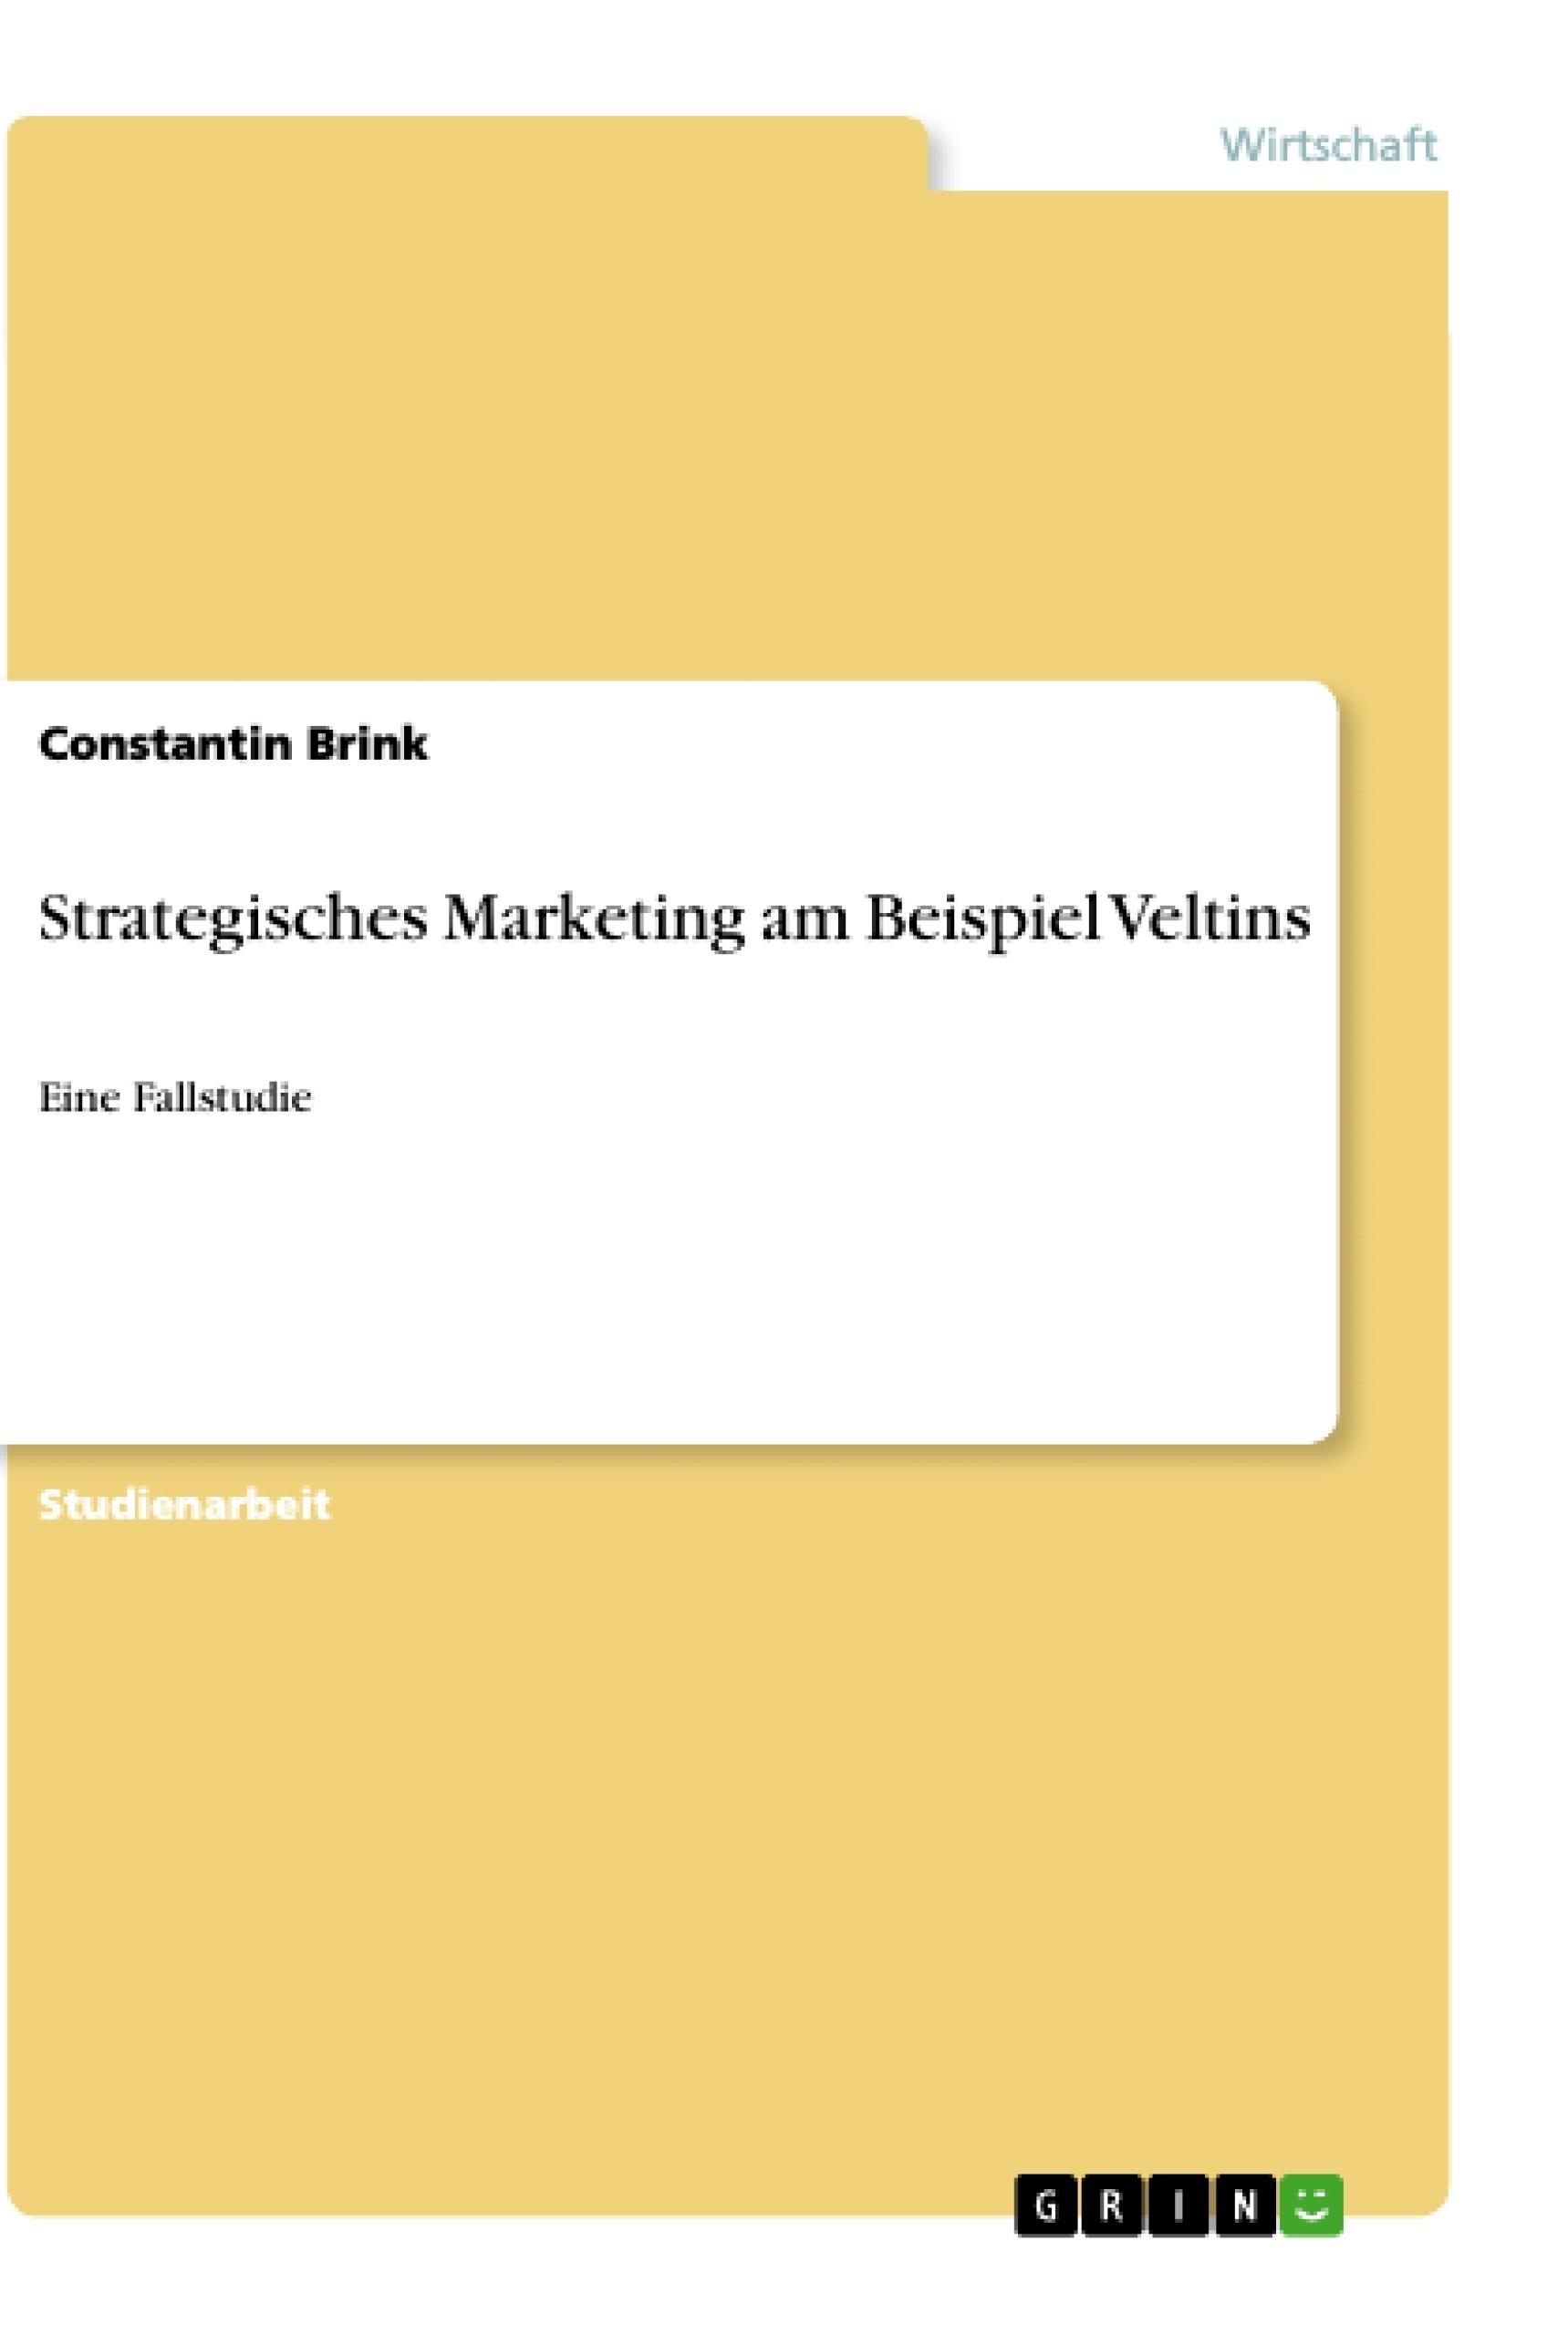 Titel: Strategisches Marketing am Beispiel Veltins